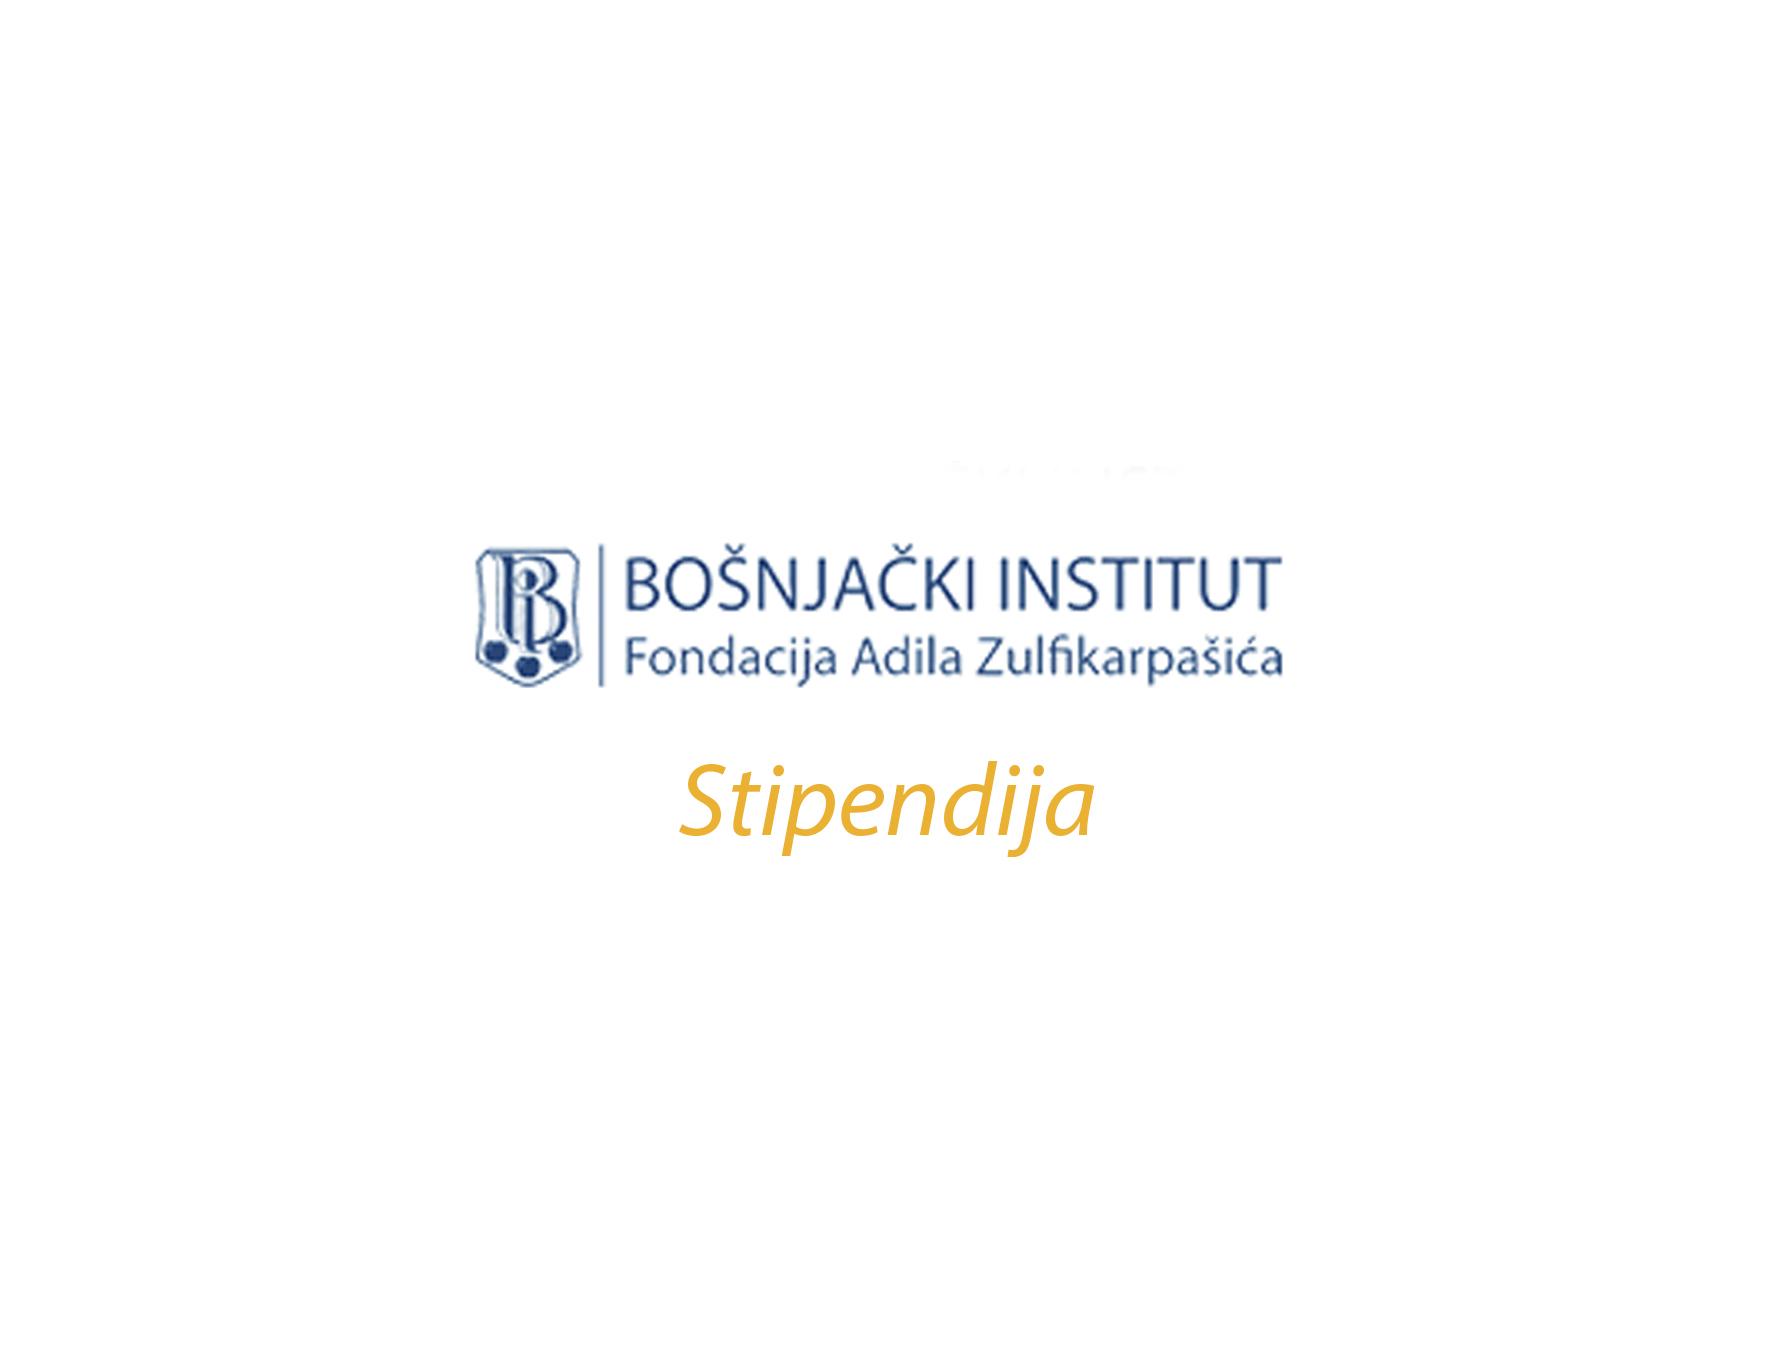 Stipendija Bošnjačkog instituta za akademsku 2019/2020. godinu